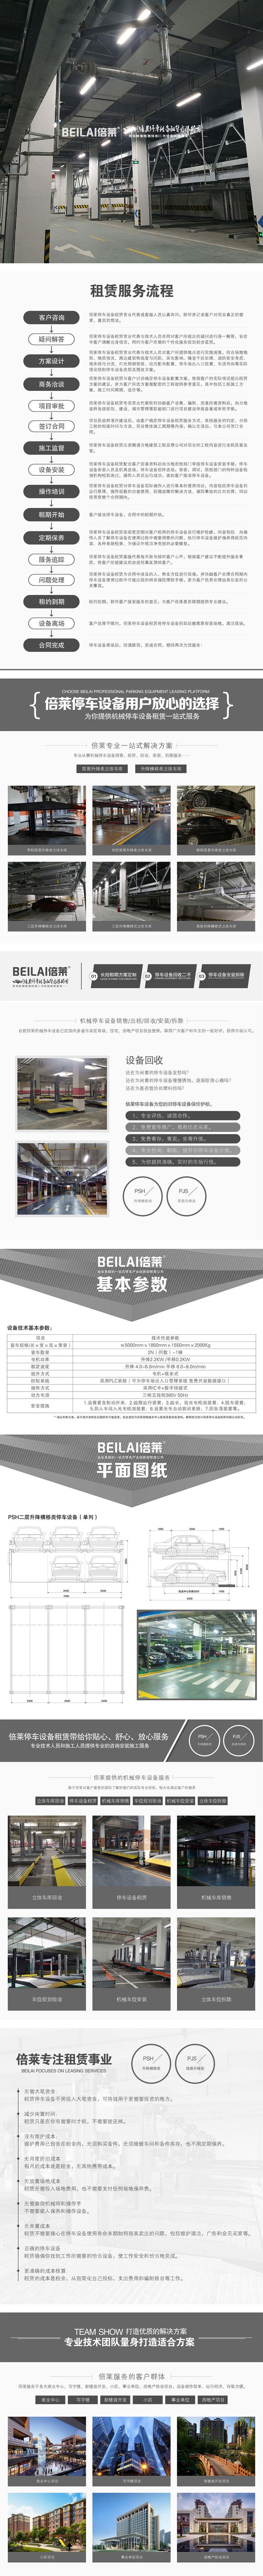 興文簡易機械停車位回收九龍坡停車場運營倍萊立體停車庫費用